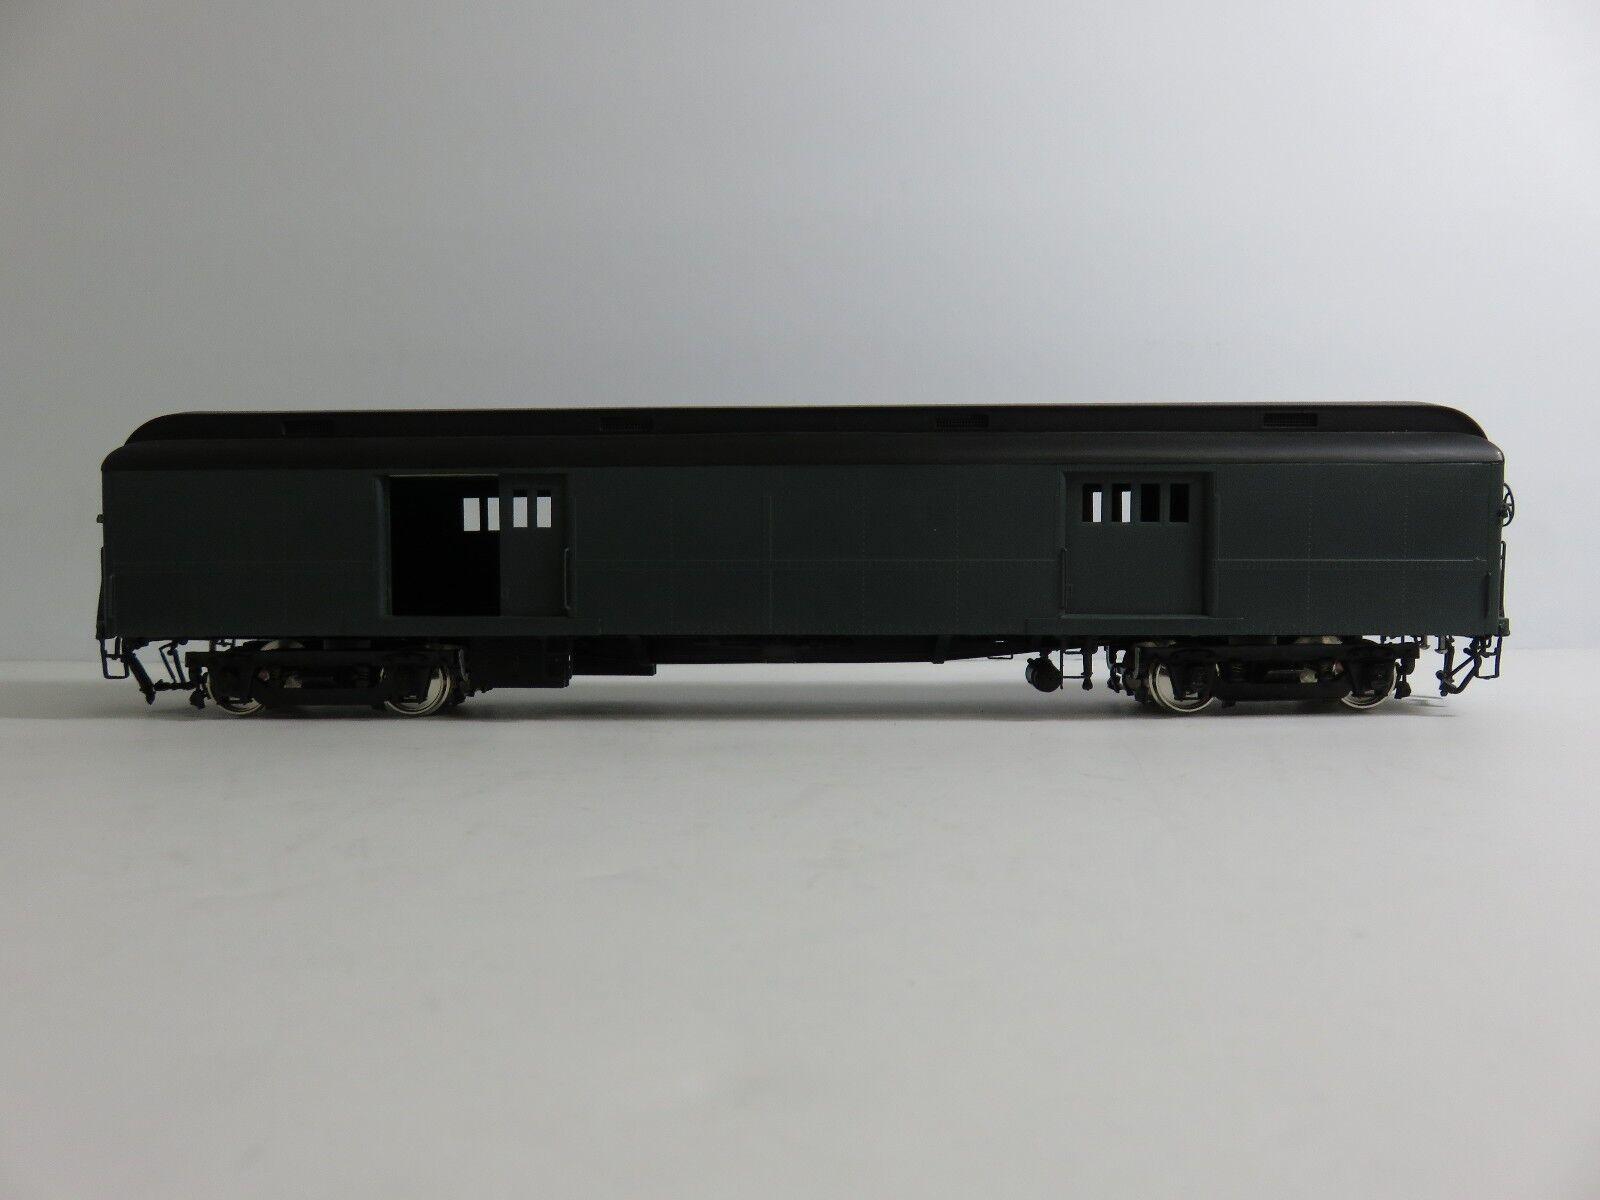 oferta de tienda Escala S S S Latón NYC pasajero equipaje coche SWM-0017 tren Southwind Modelos T69  venta directa de fábrica